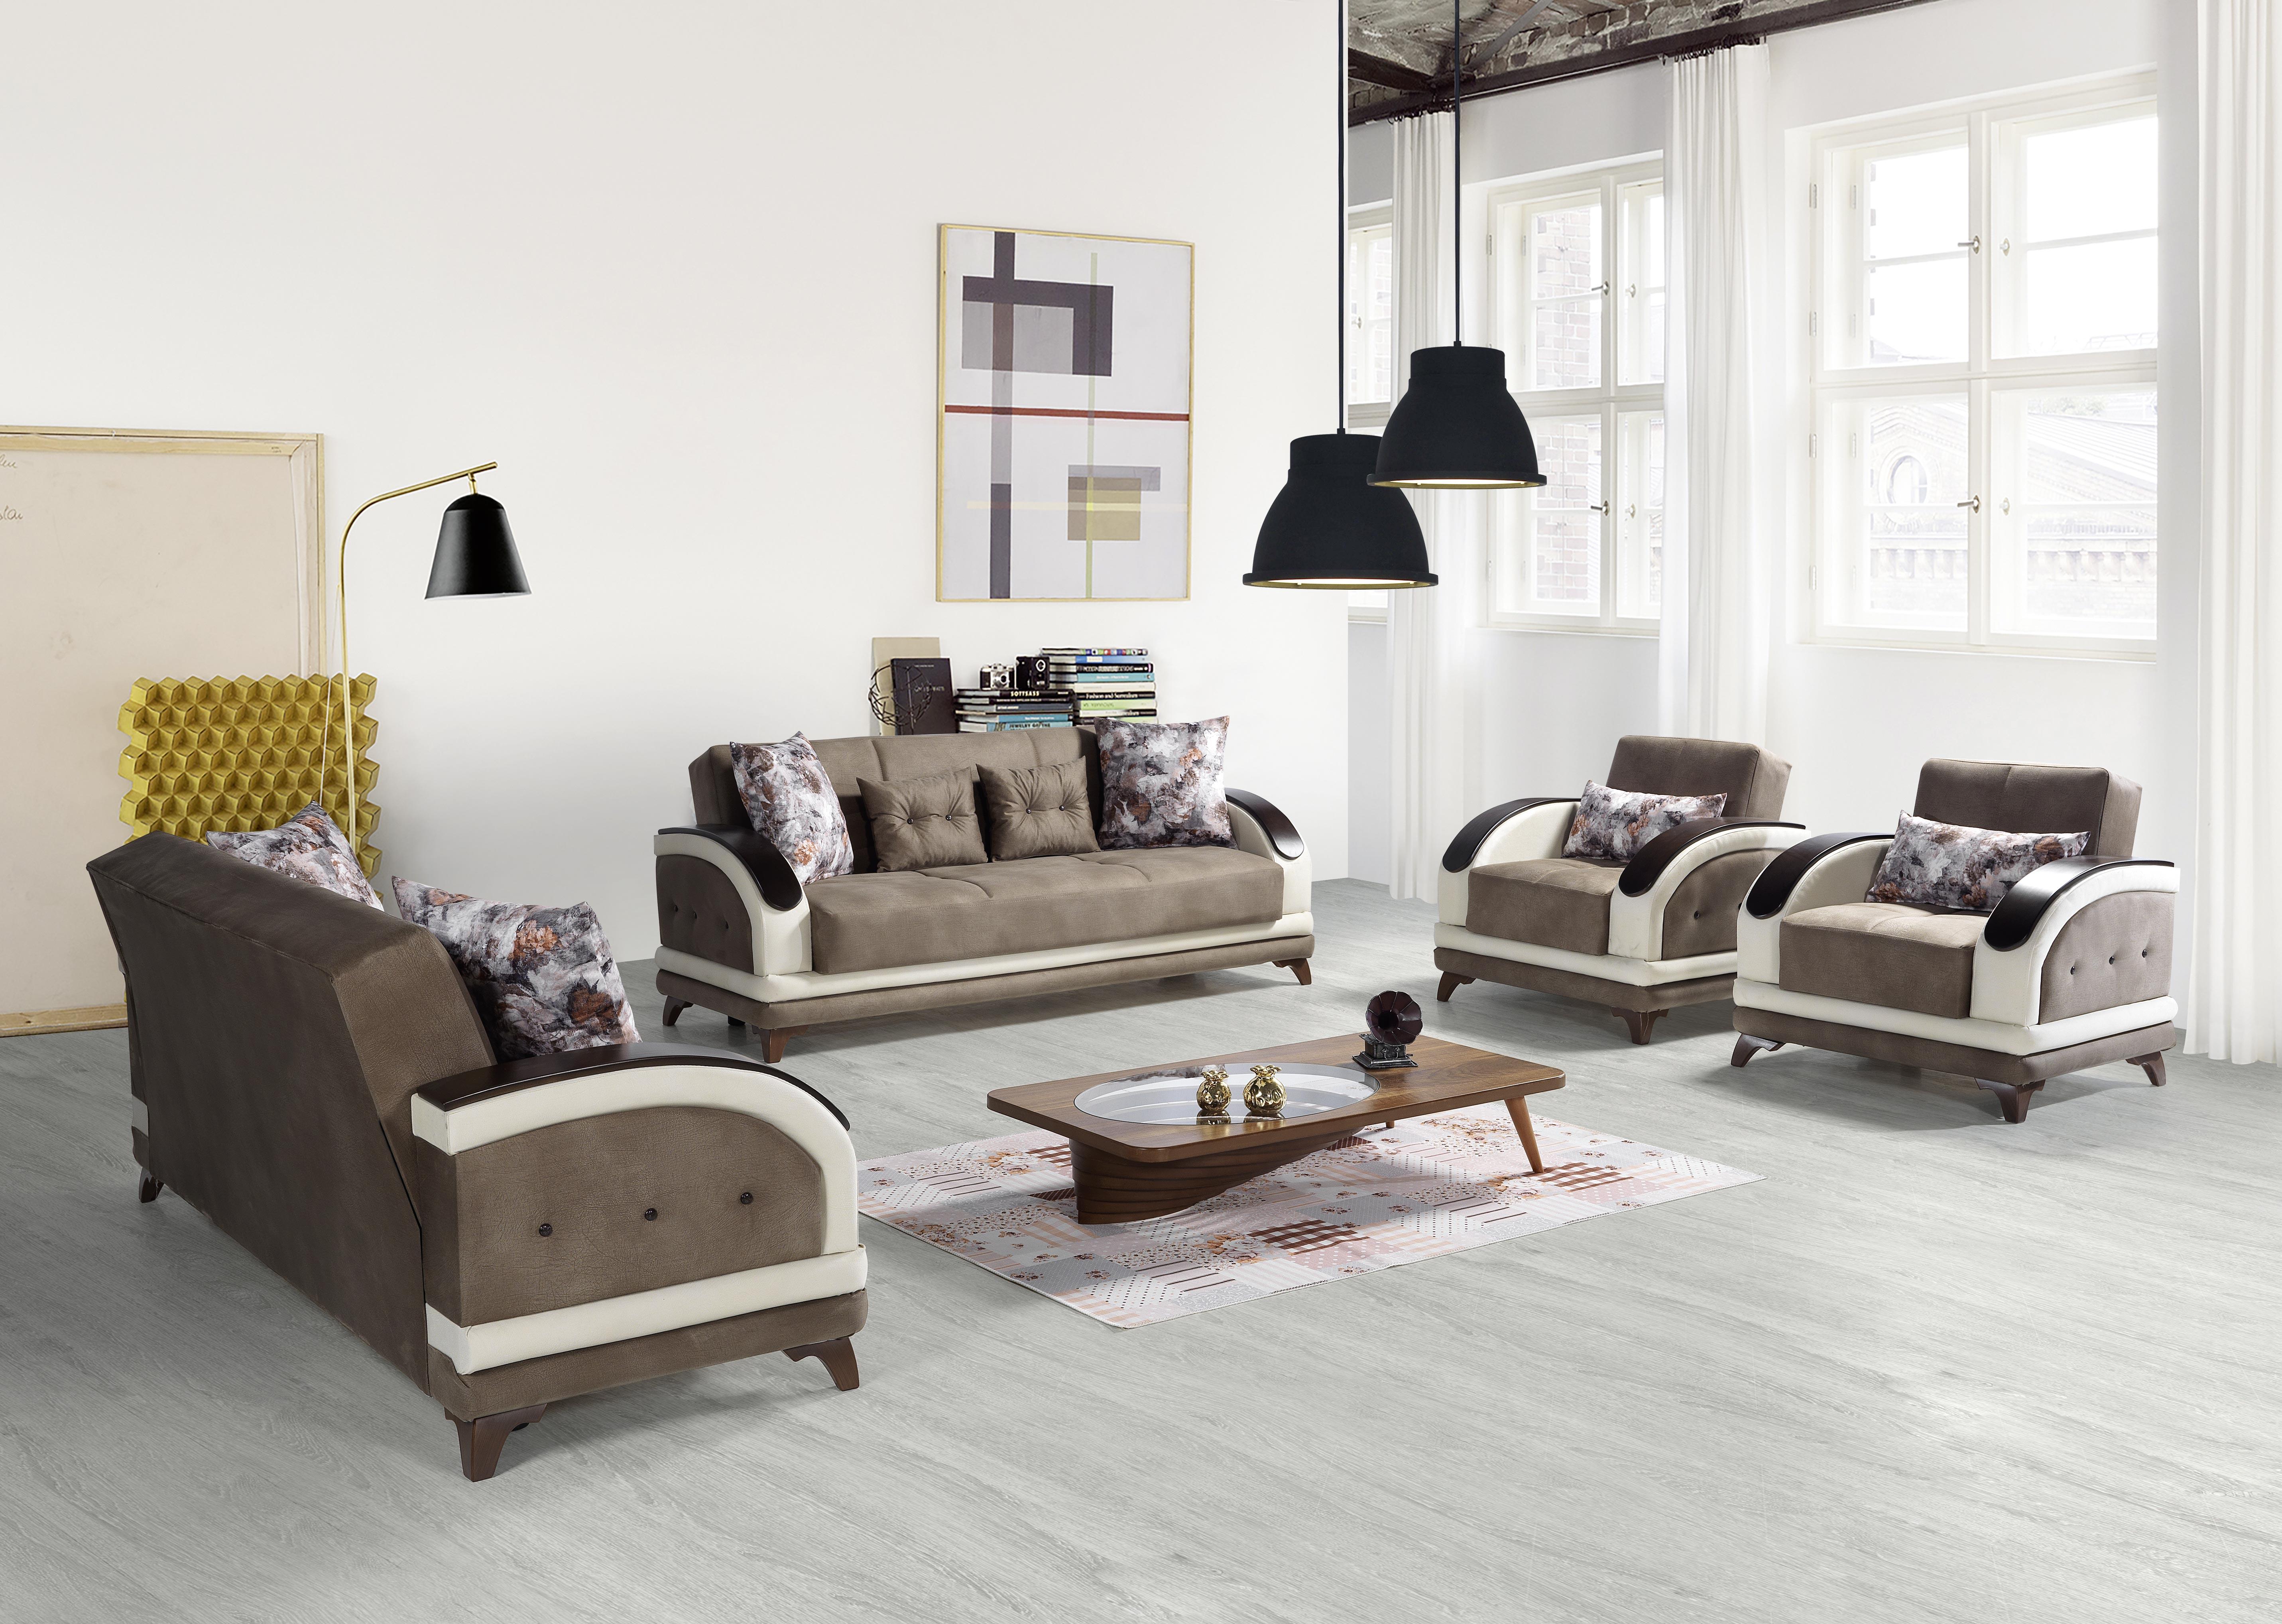 Sofa Couch Set Asos 321 In Braun Mit Schlaffunktion Kaufen Bei